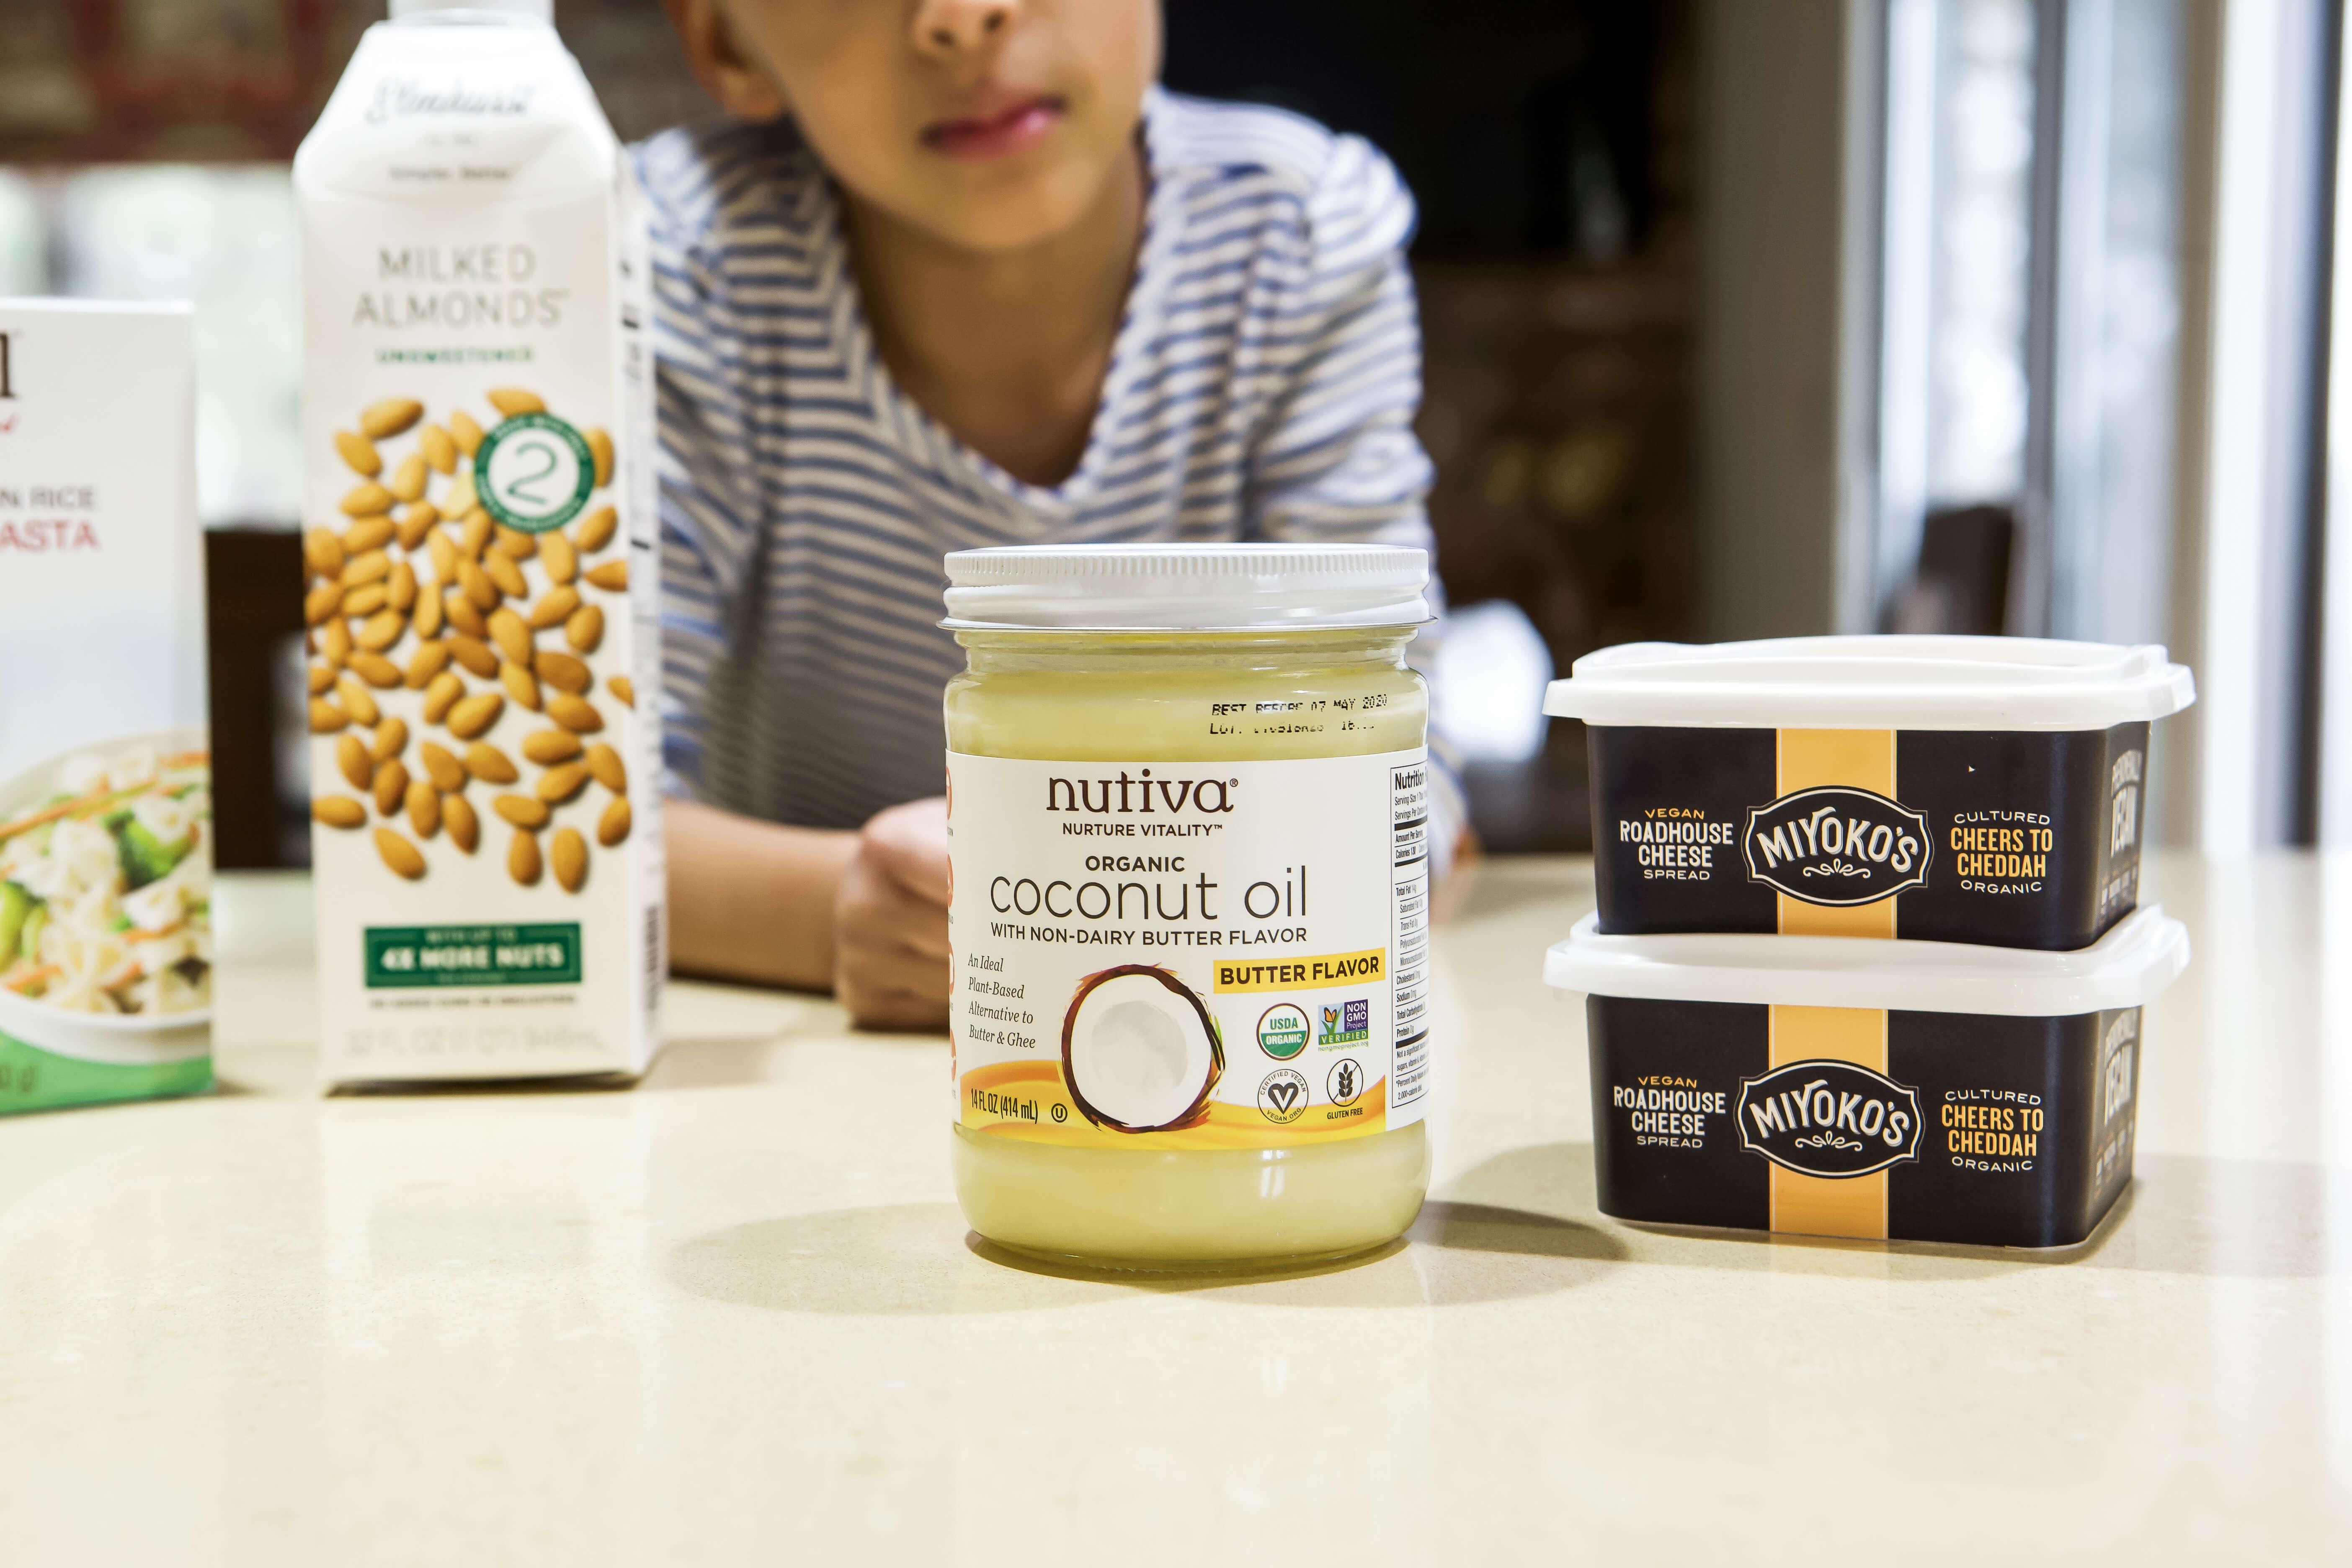 Vegan Mac n Cheese agutsygirl.com #veganrecipes #agutsygirl #glutenfree Nutiva Elmhurst Miyokos